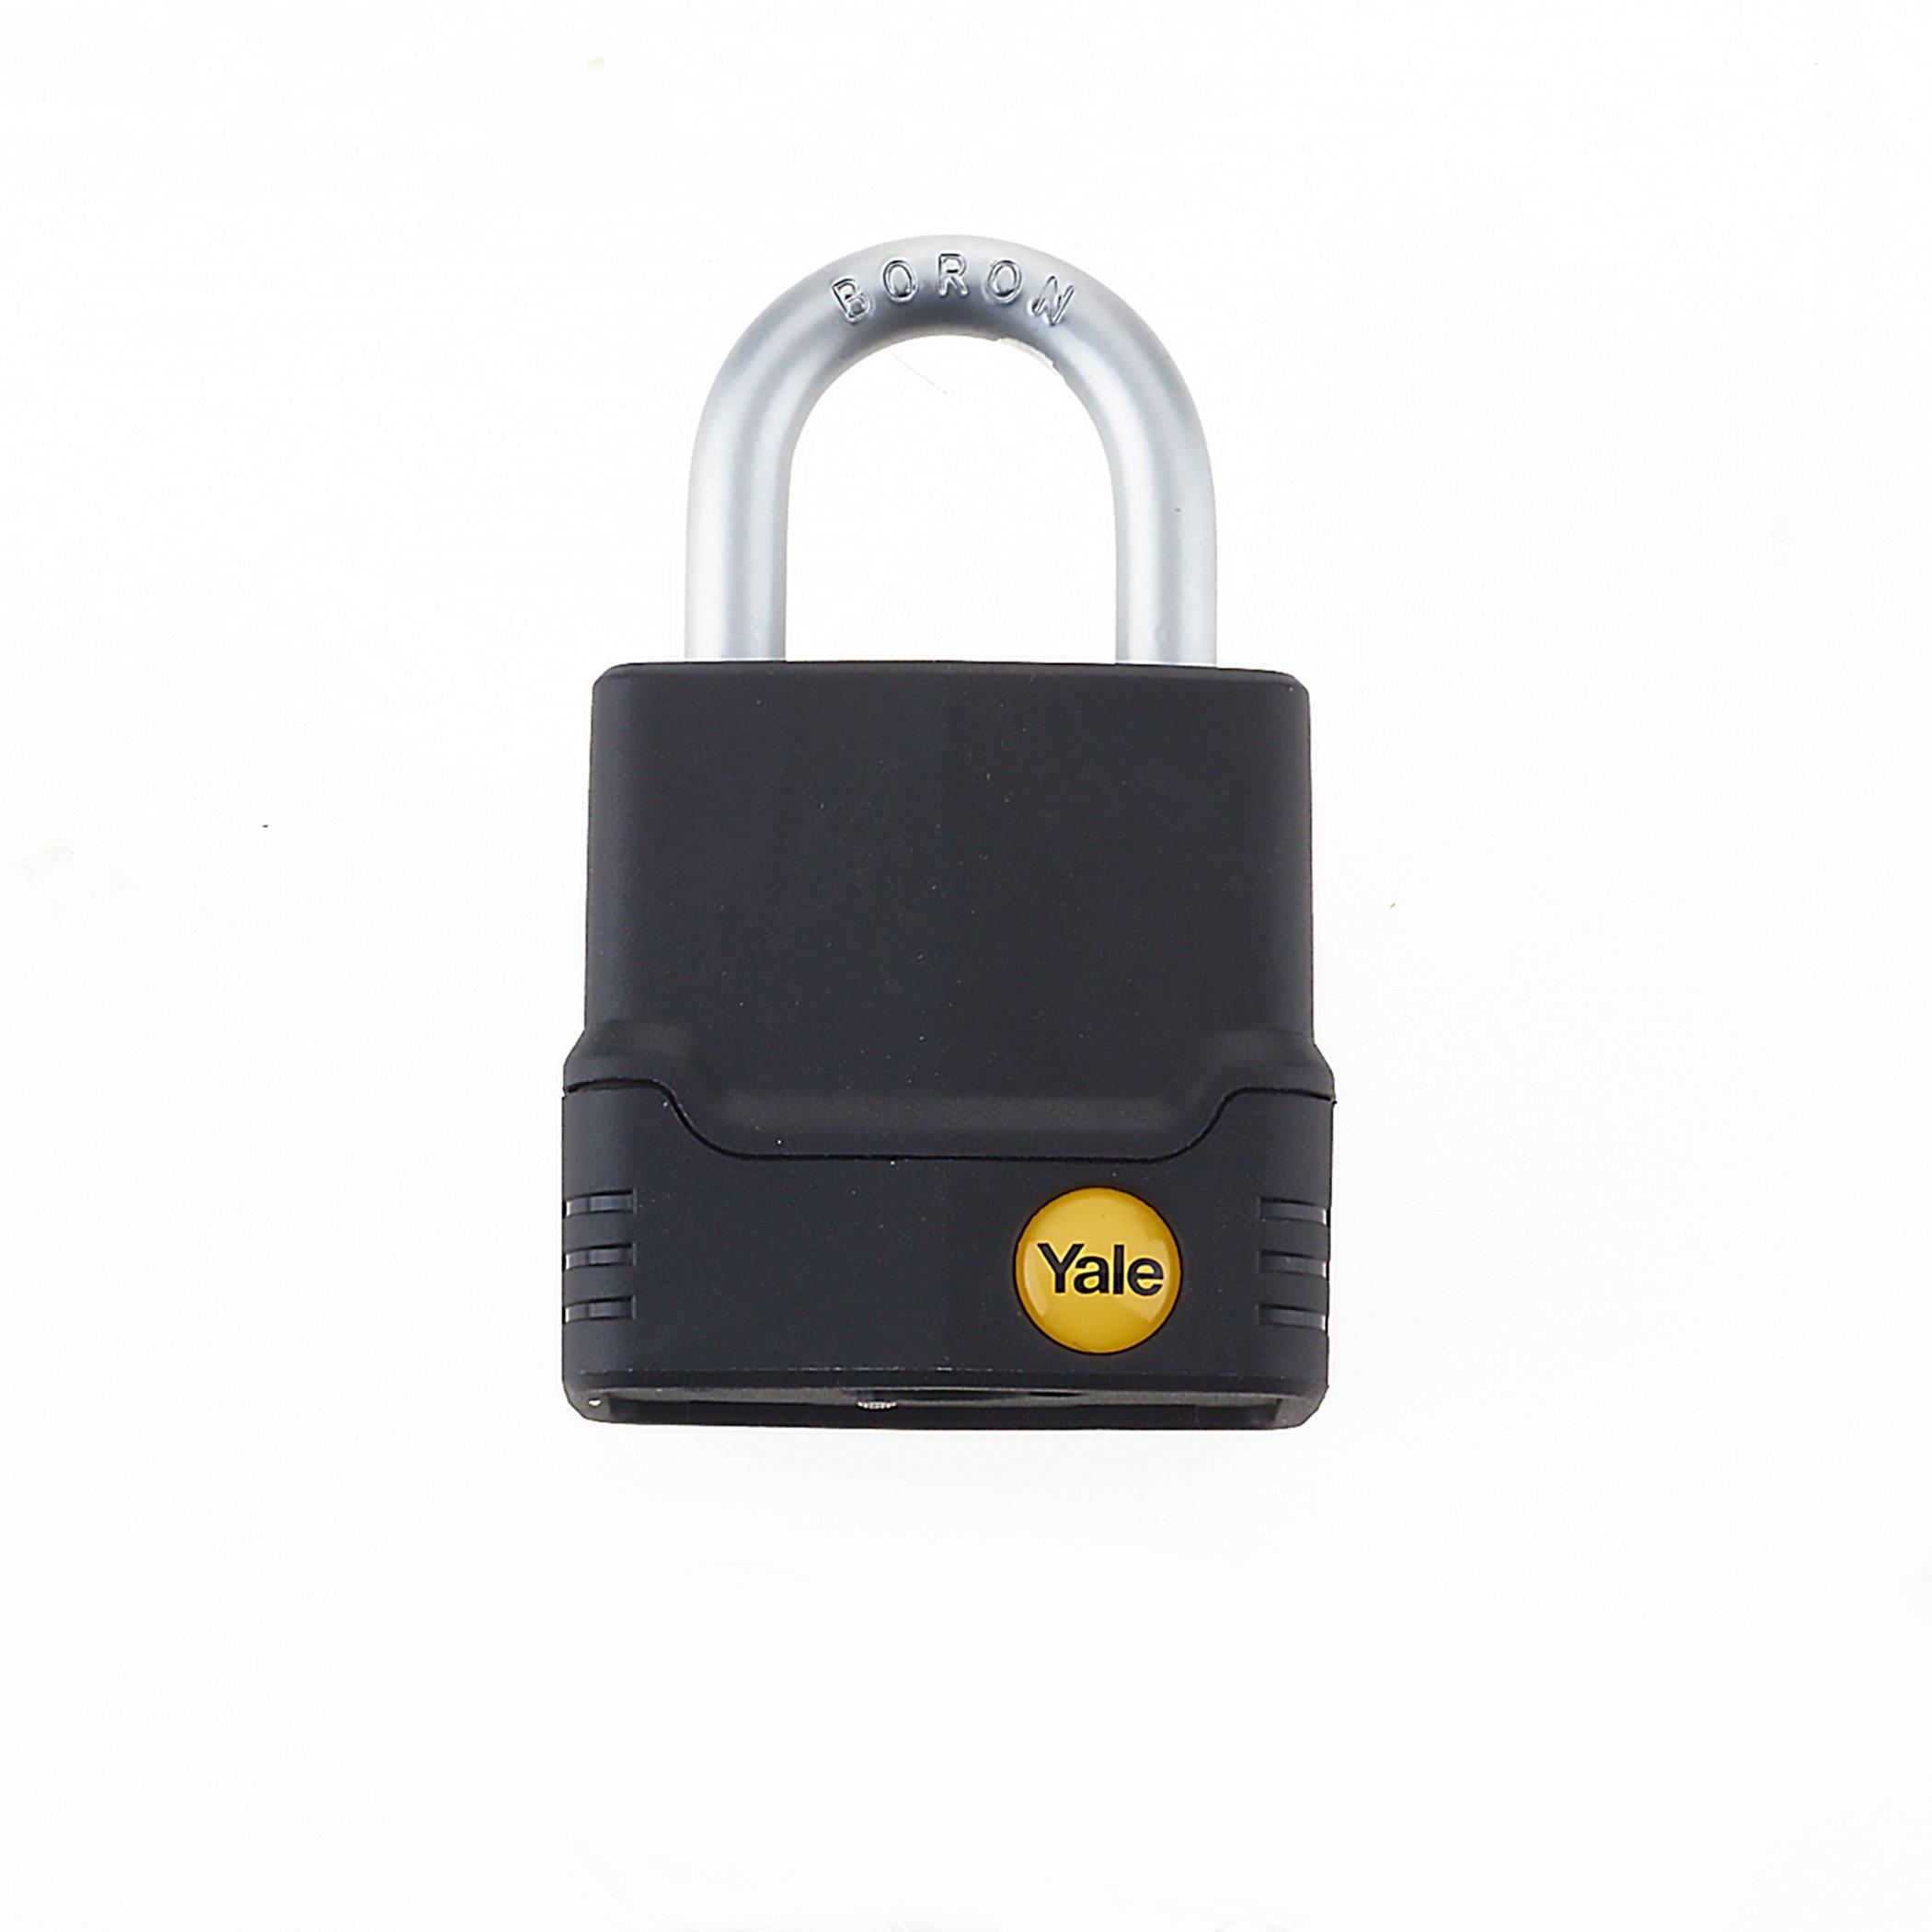 Y227 - Yale protector weatherproof padlocks